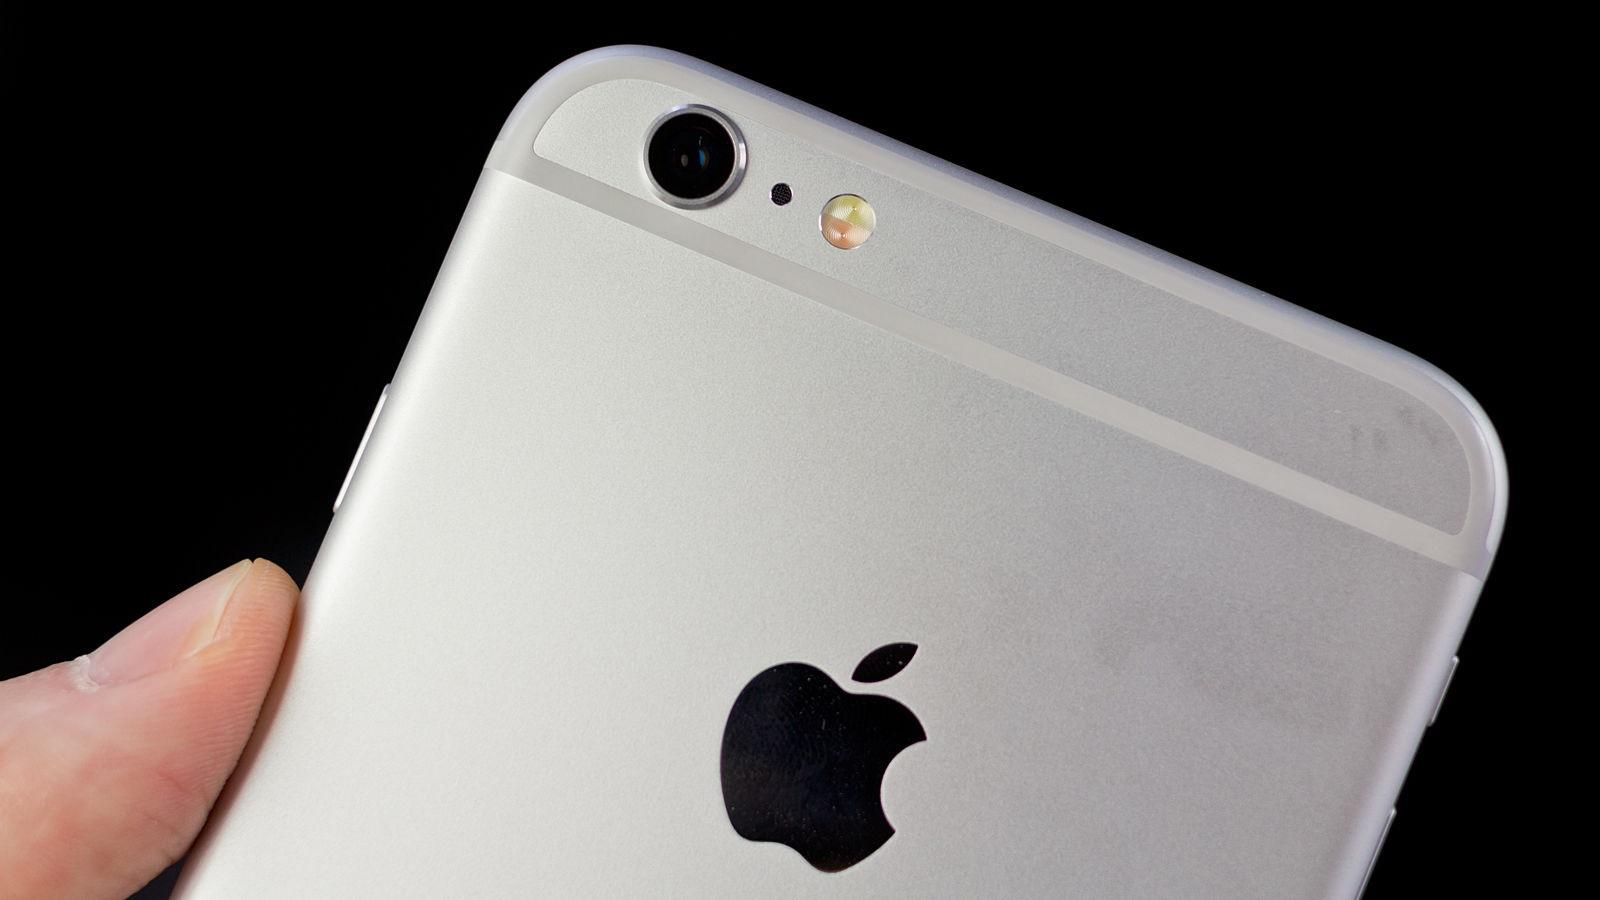 Apple iPhone 6s Plus - новый обзор и сравнение моделей, цены в интернет-магазинах